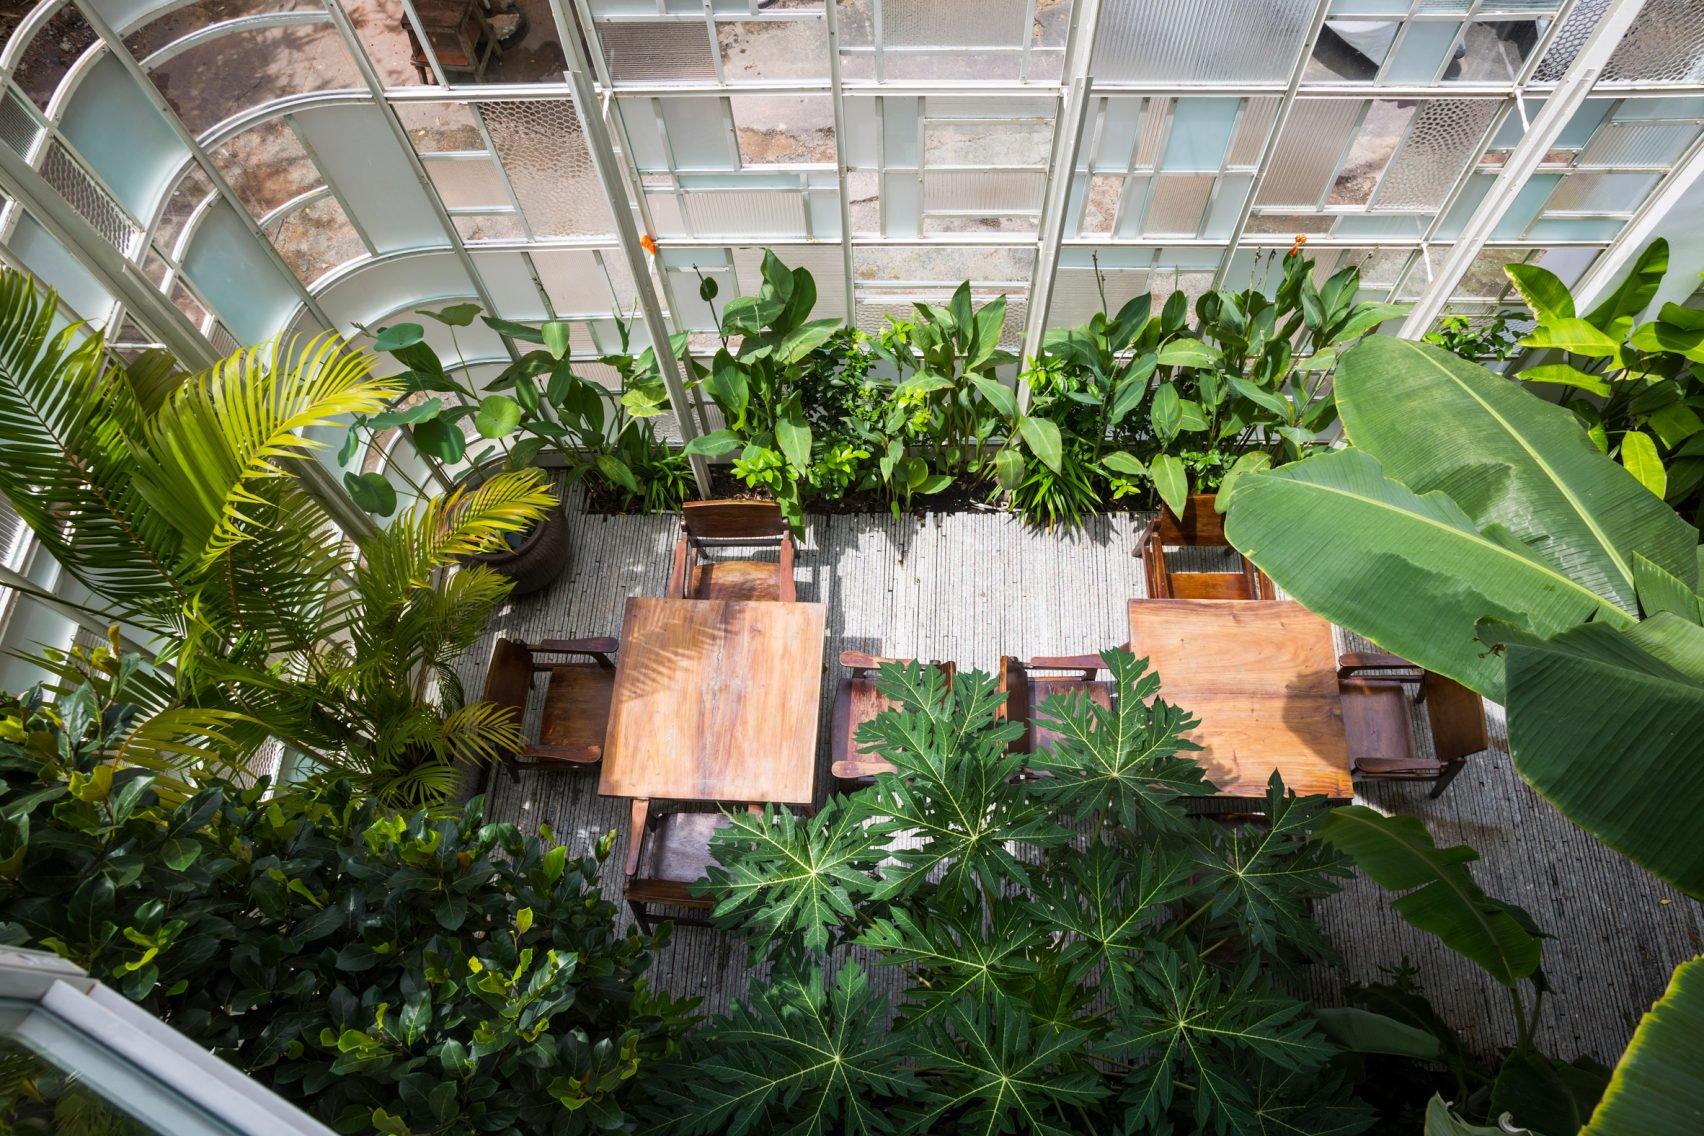 Ghé thăm 'nhà hàng miệt vườn' ngụ ngay lòng Sài Gòn